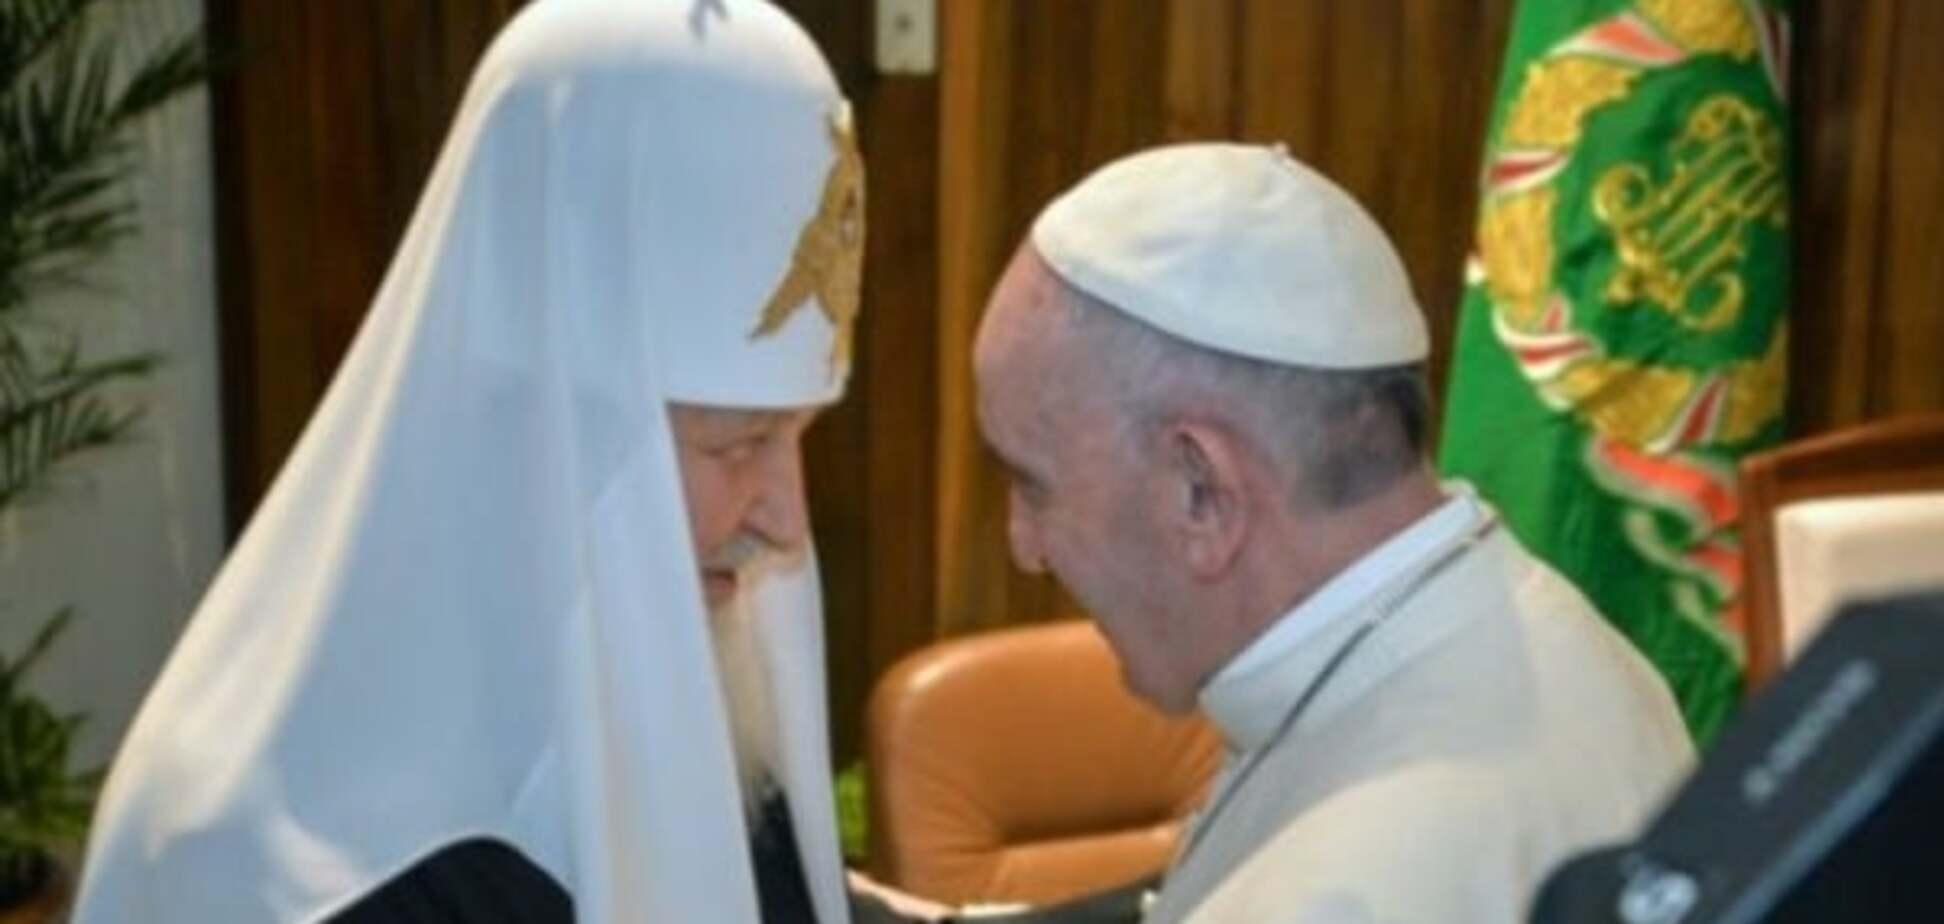 Папа Римський вперше зустрівся із Патріархом всія Русі: опубліковані фото